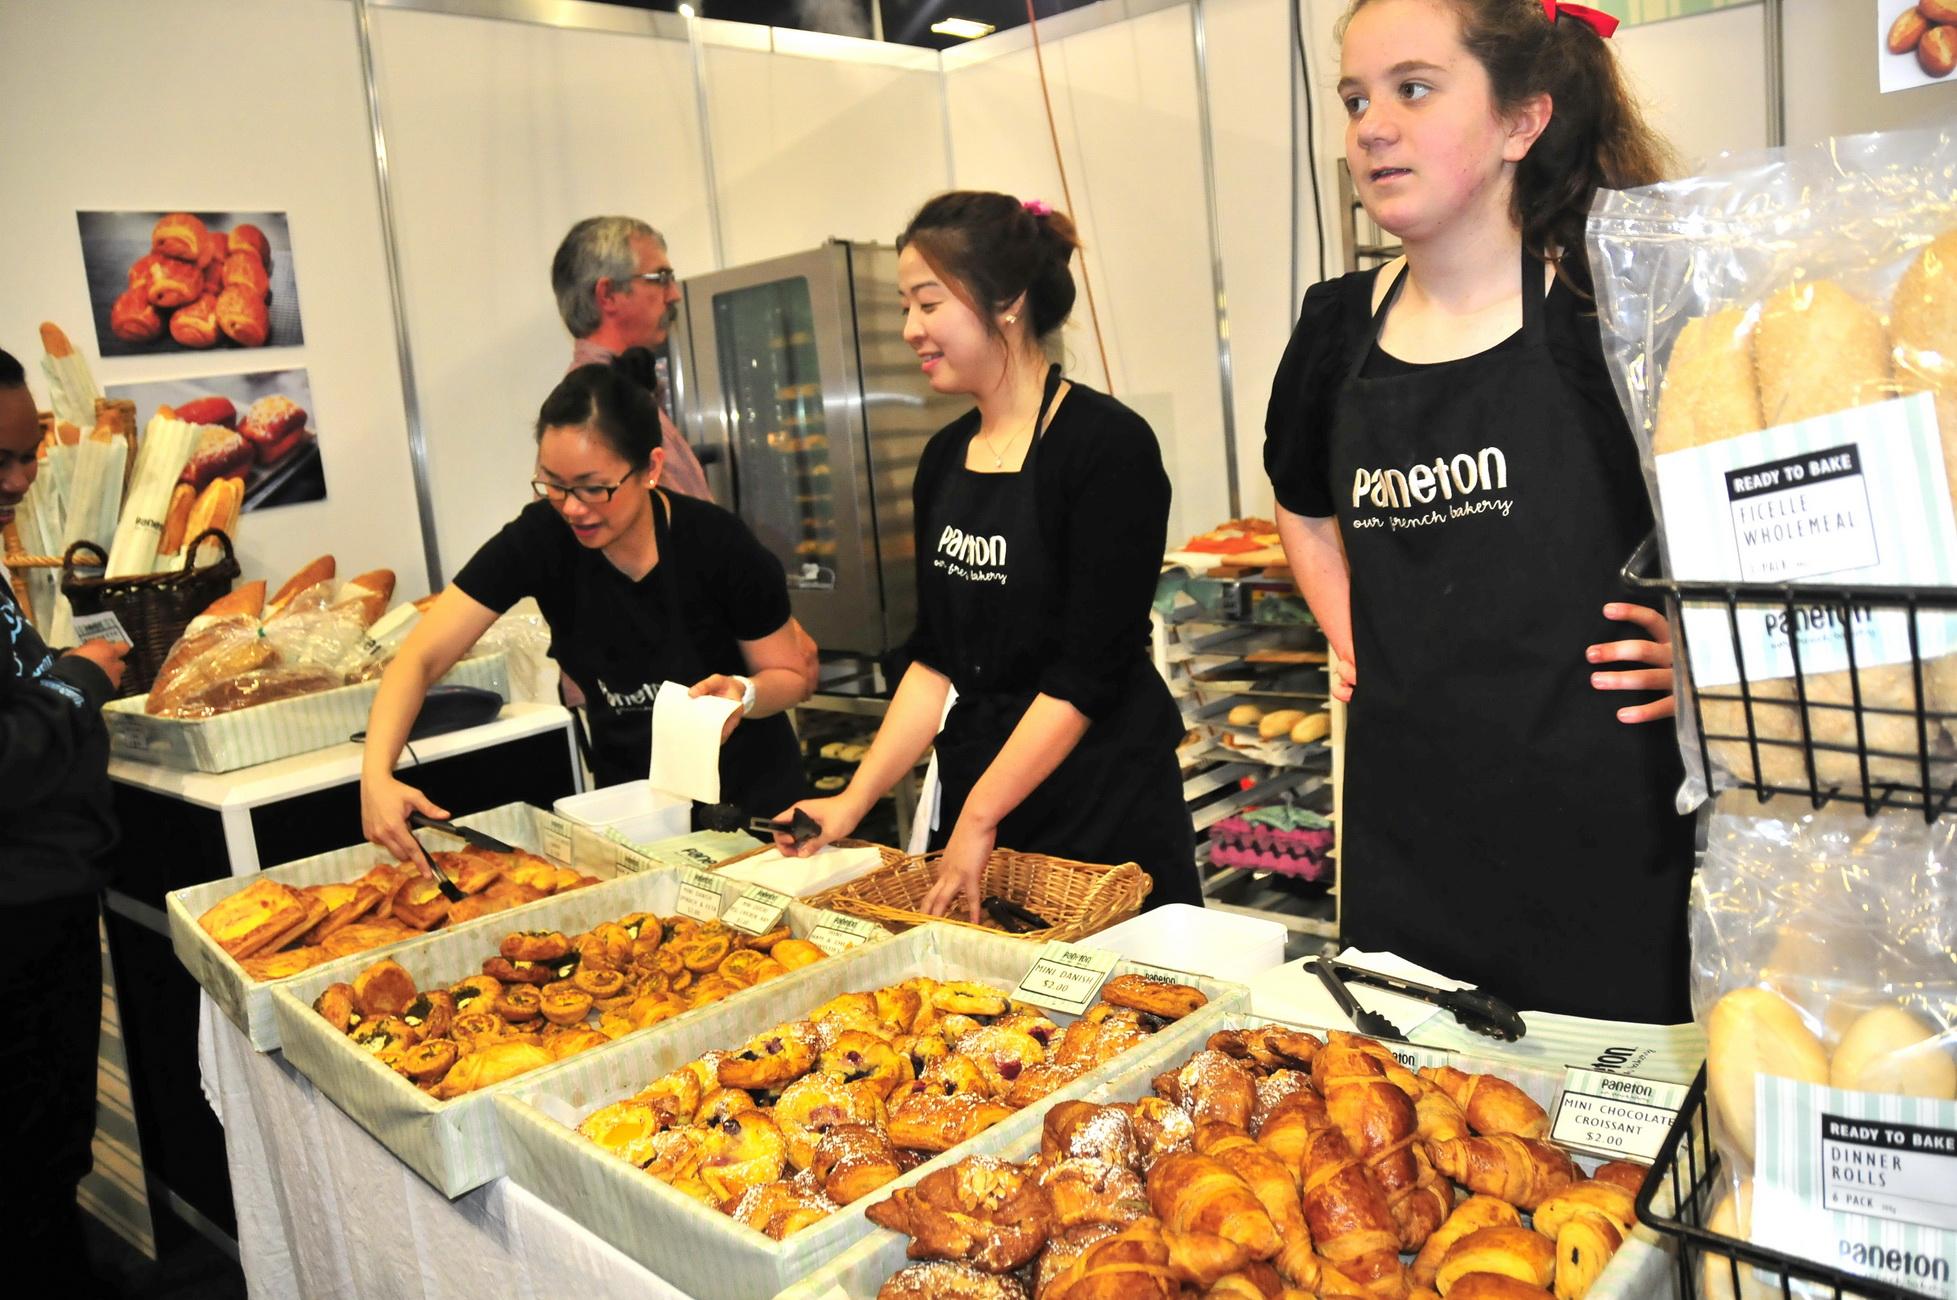 Khám phá món ăn thế giới tại lễ hội ẩm thực auckland